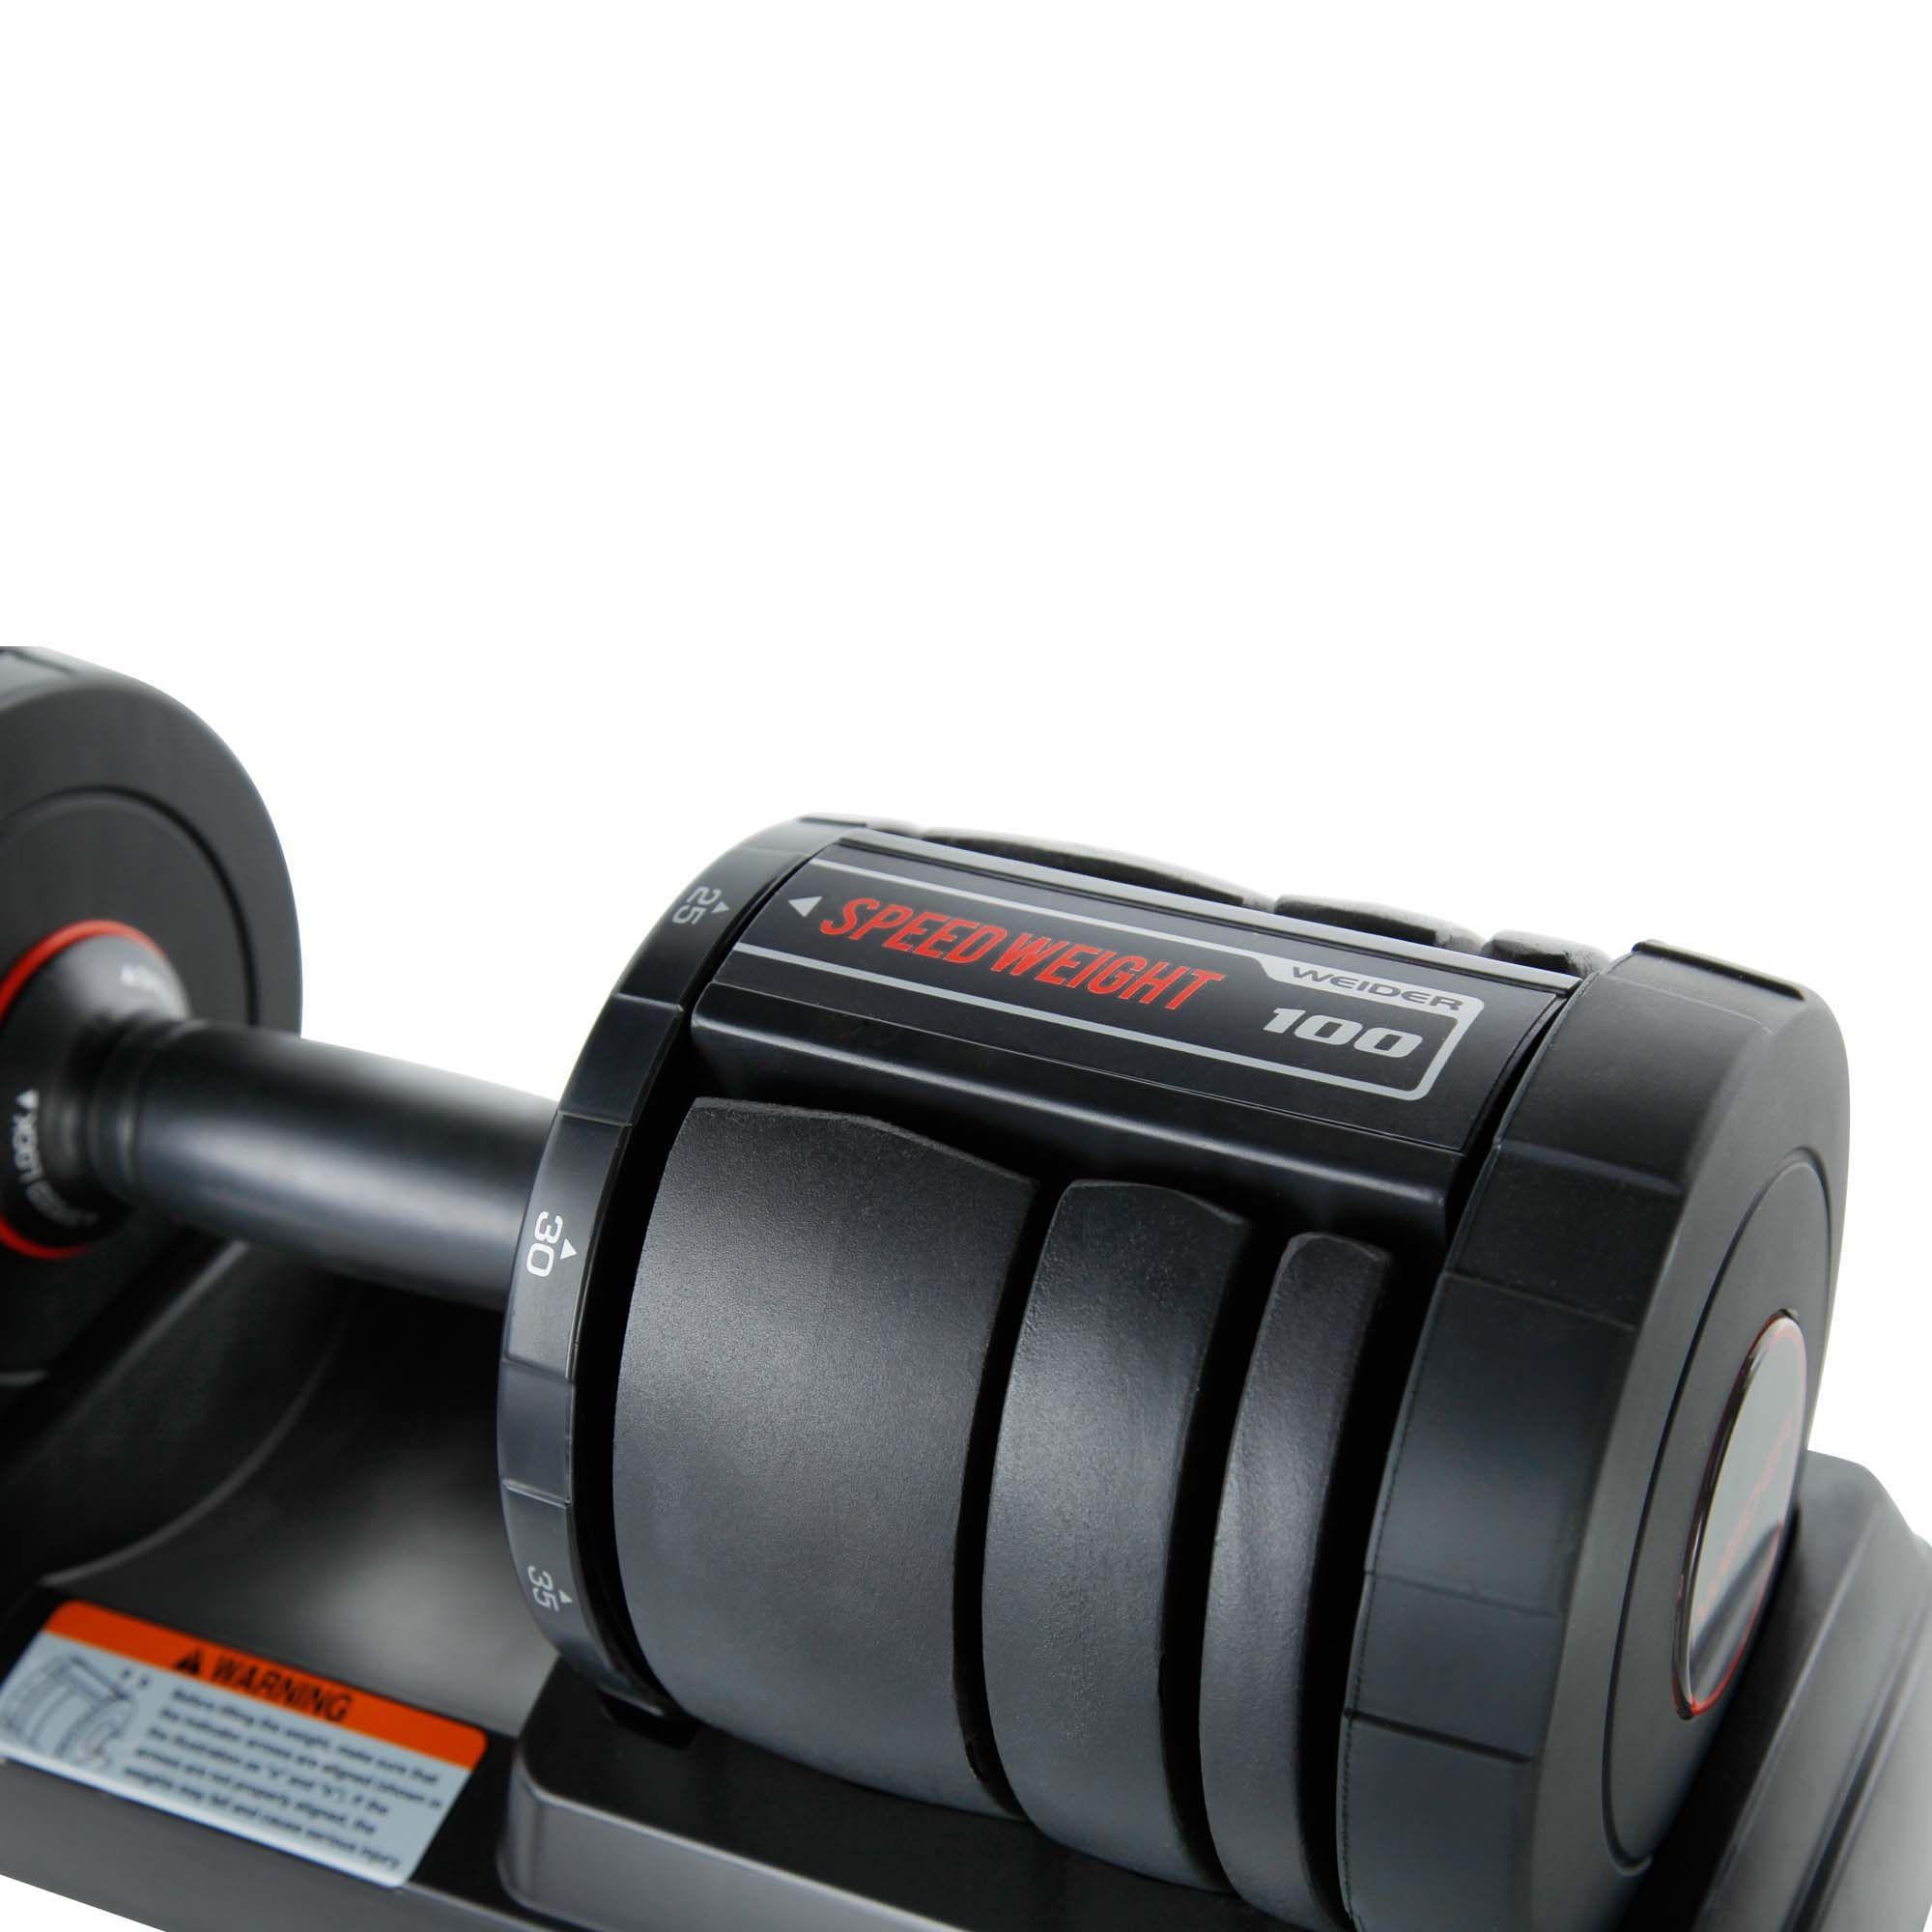 100 Lb Adjustable Dumbbell Set: Weider SpeedWeight 100lbs. Adjustable Dumbbell Set With